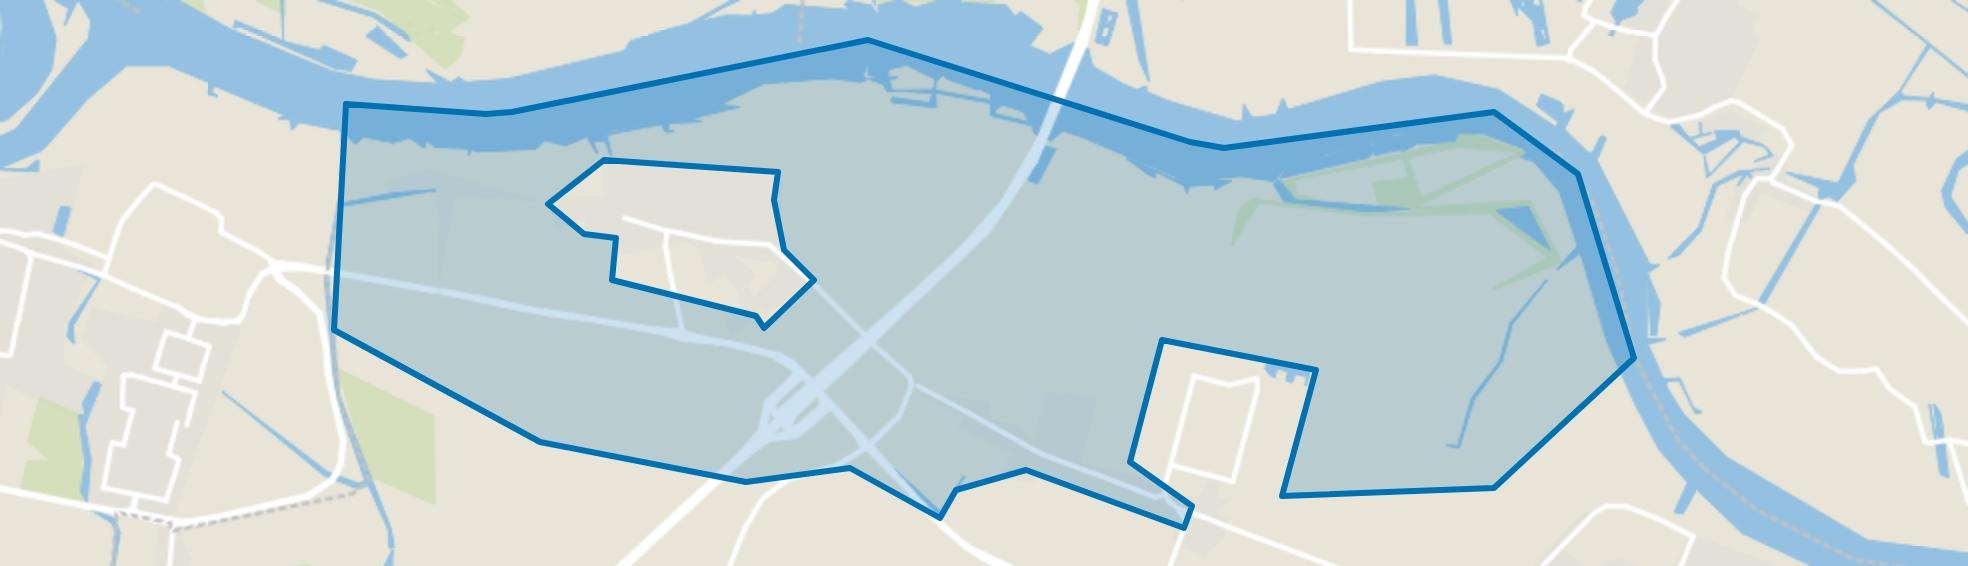 Heinenoord Buitengebied, Heinenoord map